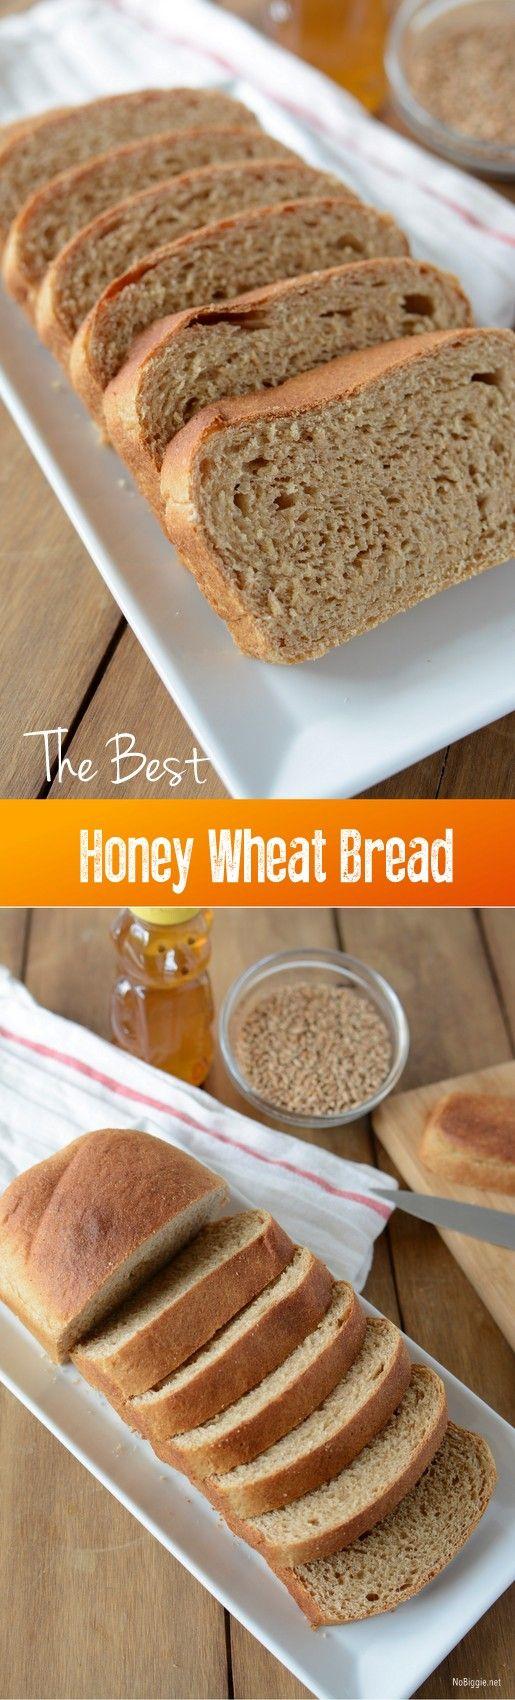 The best honey wheat bread   Recipe on NoBiggie.net